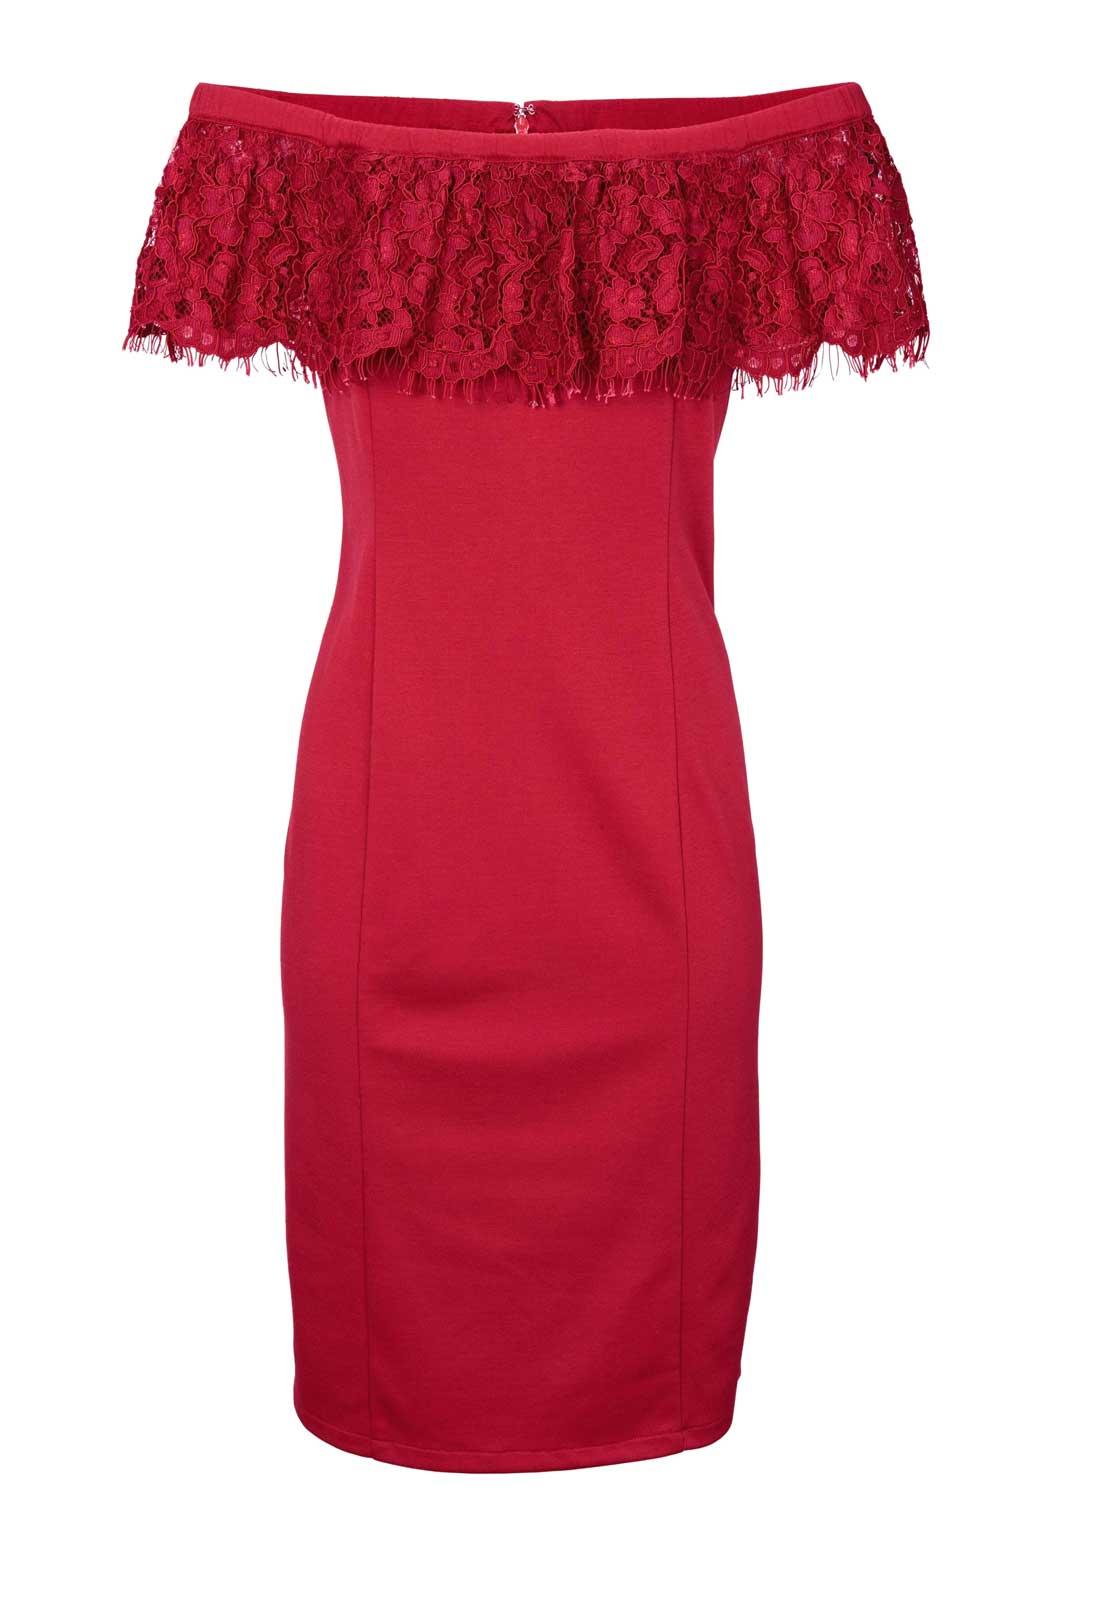 008.057 ASHLEY BROOKE Damen Designer-Carmenkleid m. Spitze Rot